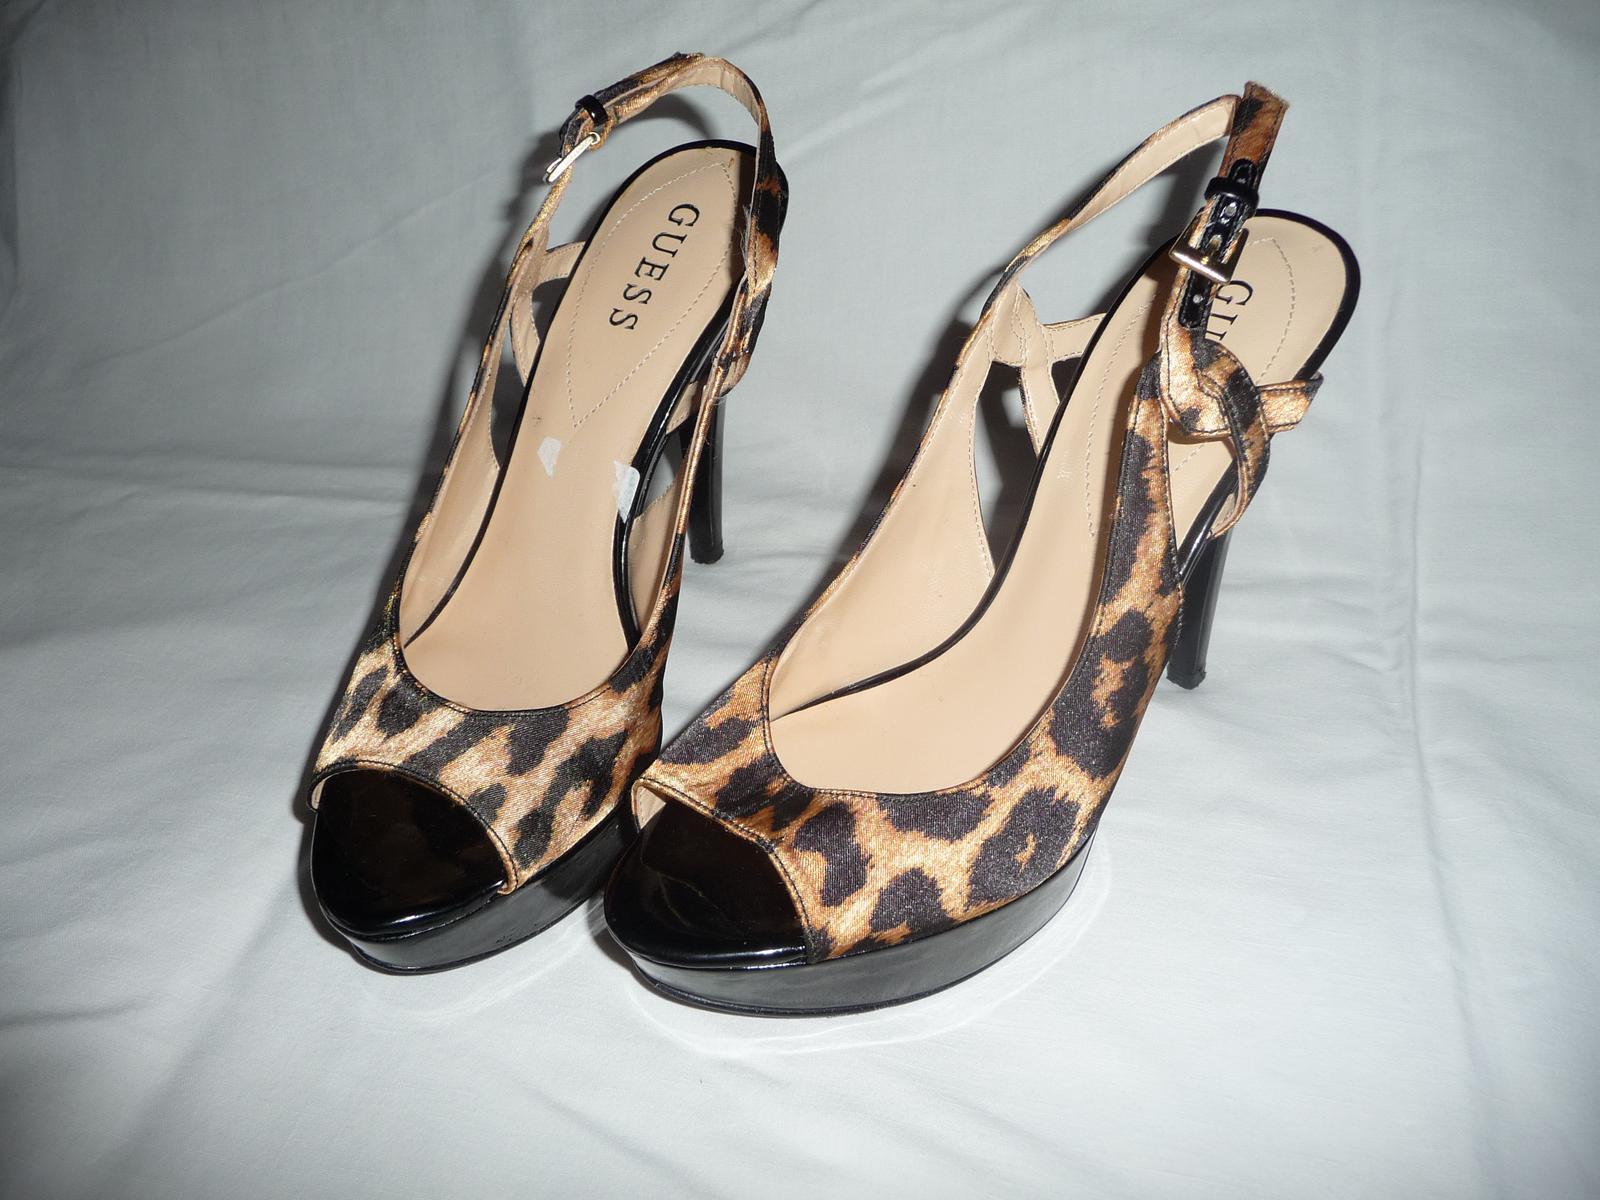 Guess topánky nenosené - Obrázok č. 2